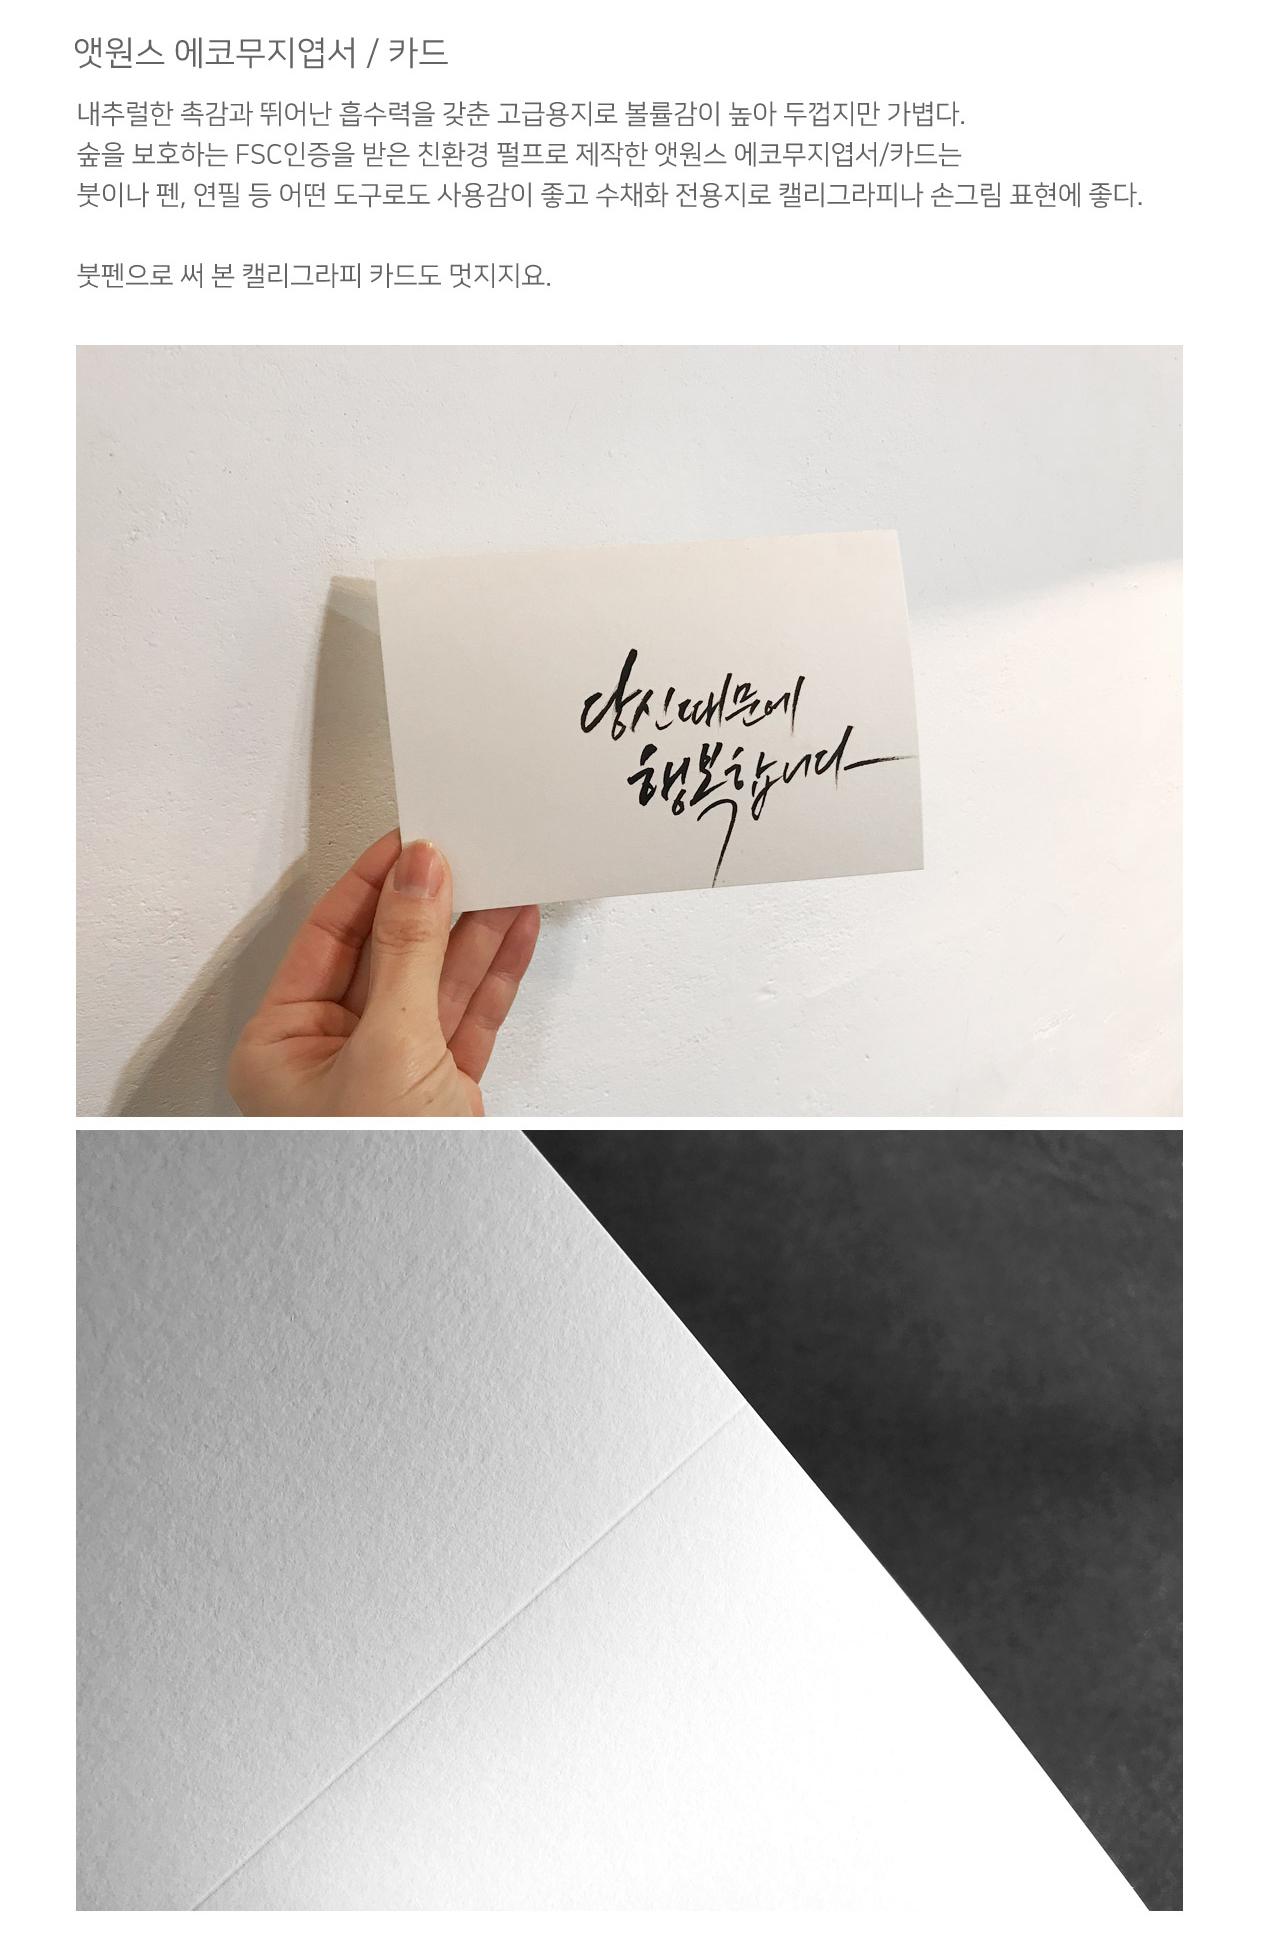 앳원스-캘리그라피용 엽서 - 앳원스, 2,000원, 엽서, 주문제작엽서